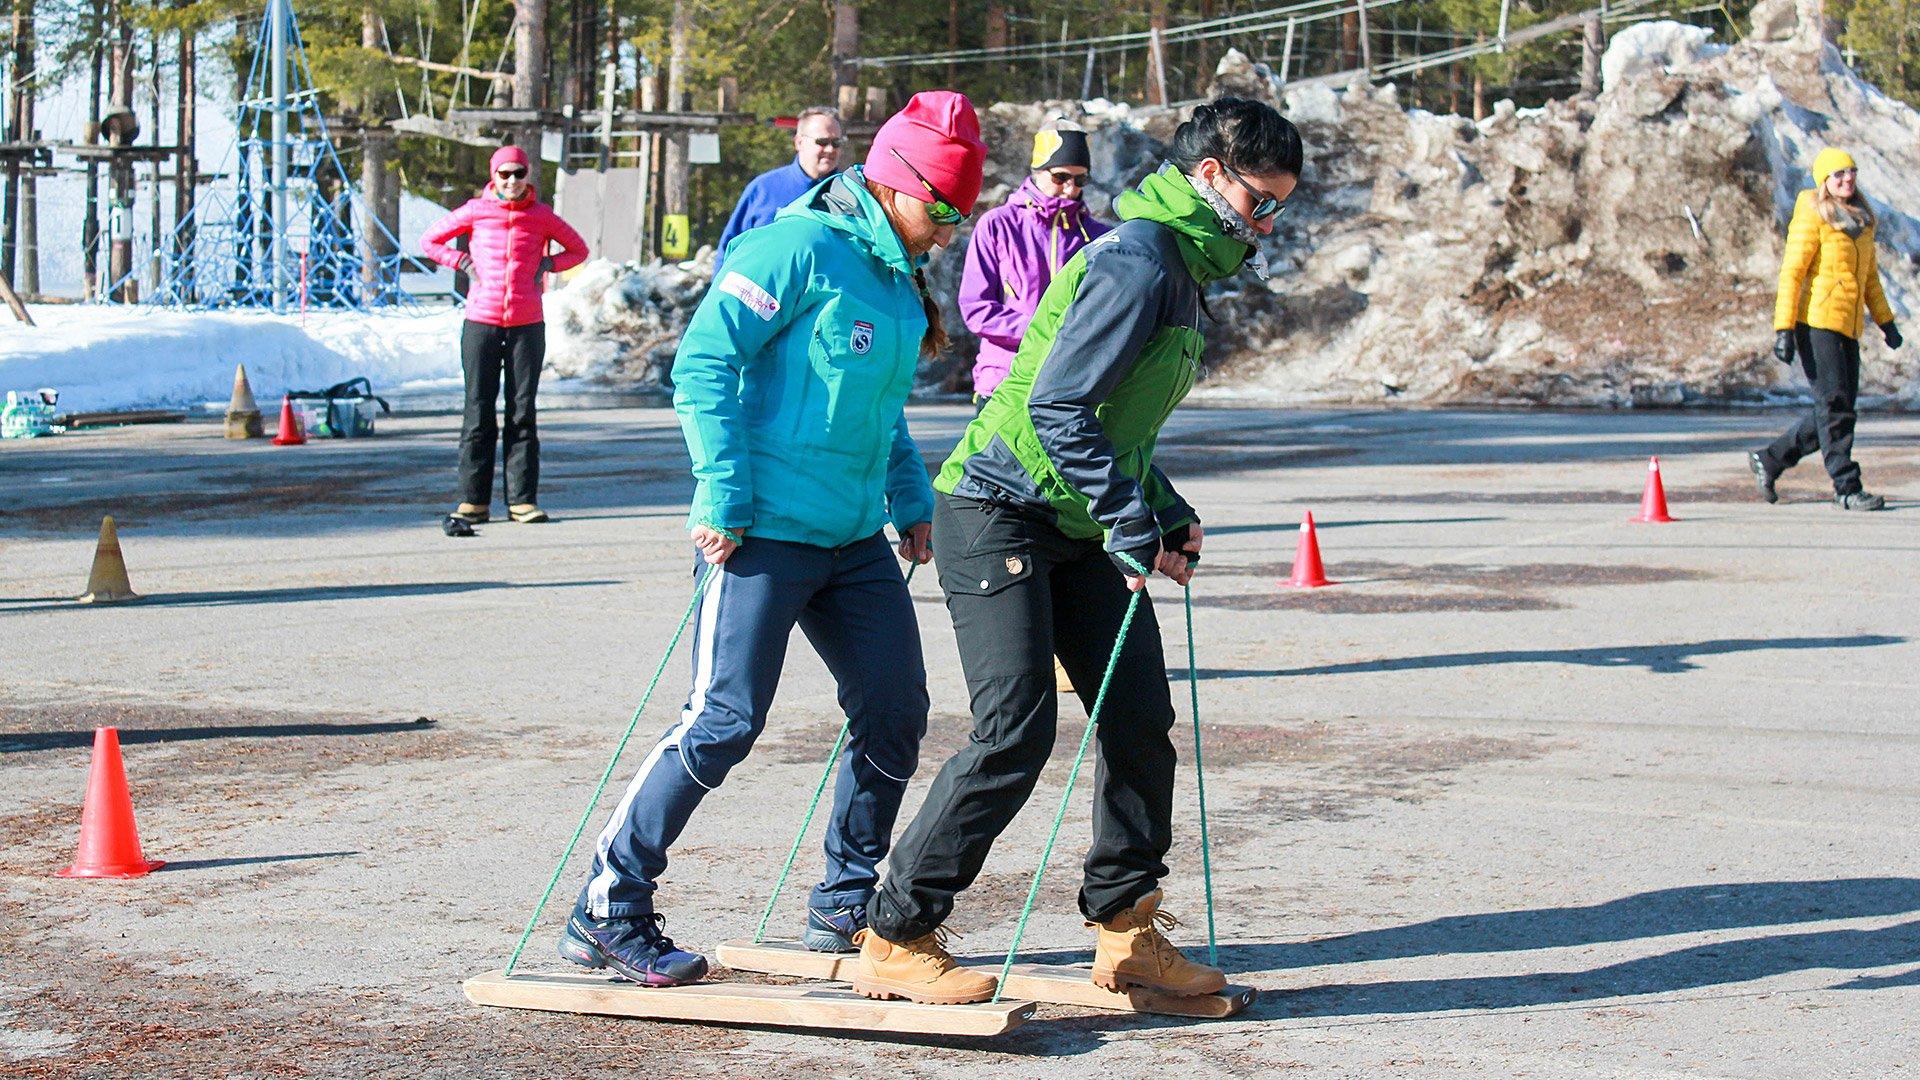 Kaksi henkilöä liikkuu tandem-suksilla parkkipaikan yli Santasport työhyvinvointi-olympialaisissa.